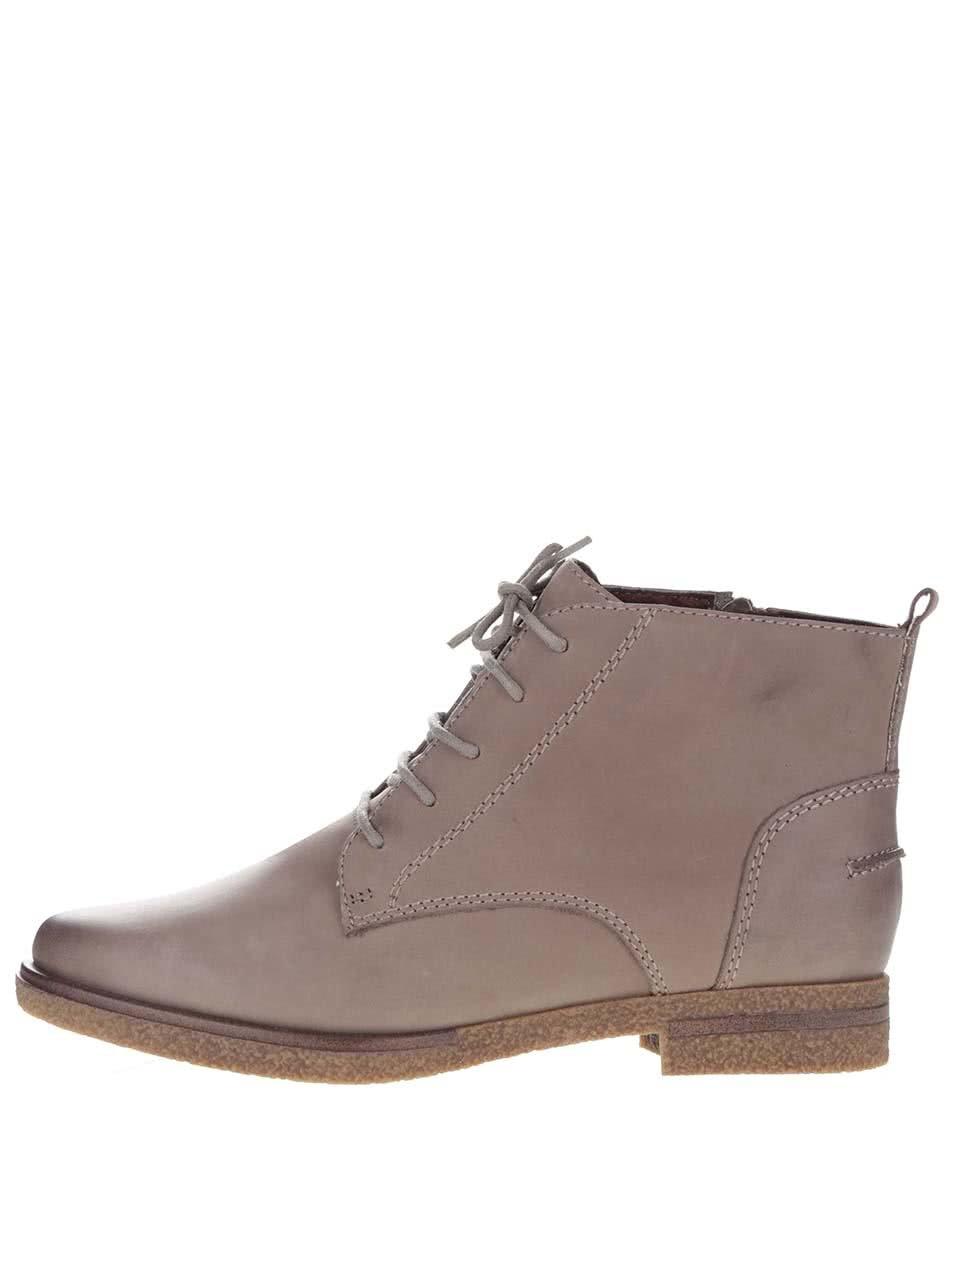 45eaa33db4131 Béžové kožené členkové topánky so zipsom Tamaris   ZOOT.sk